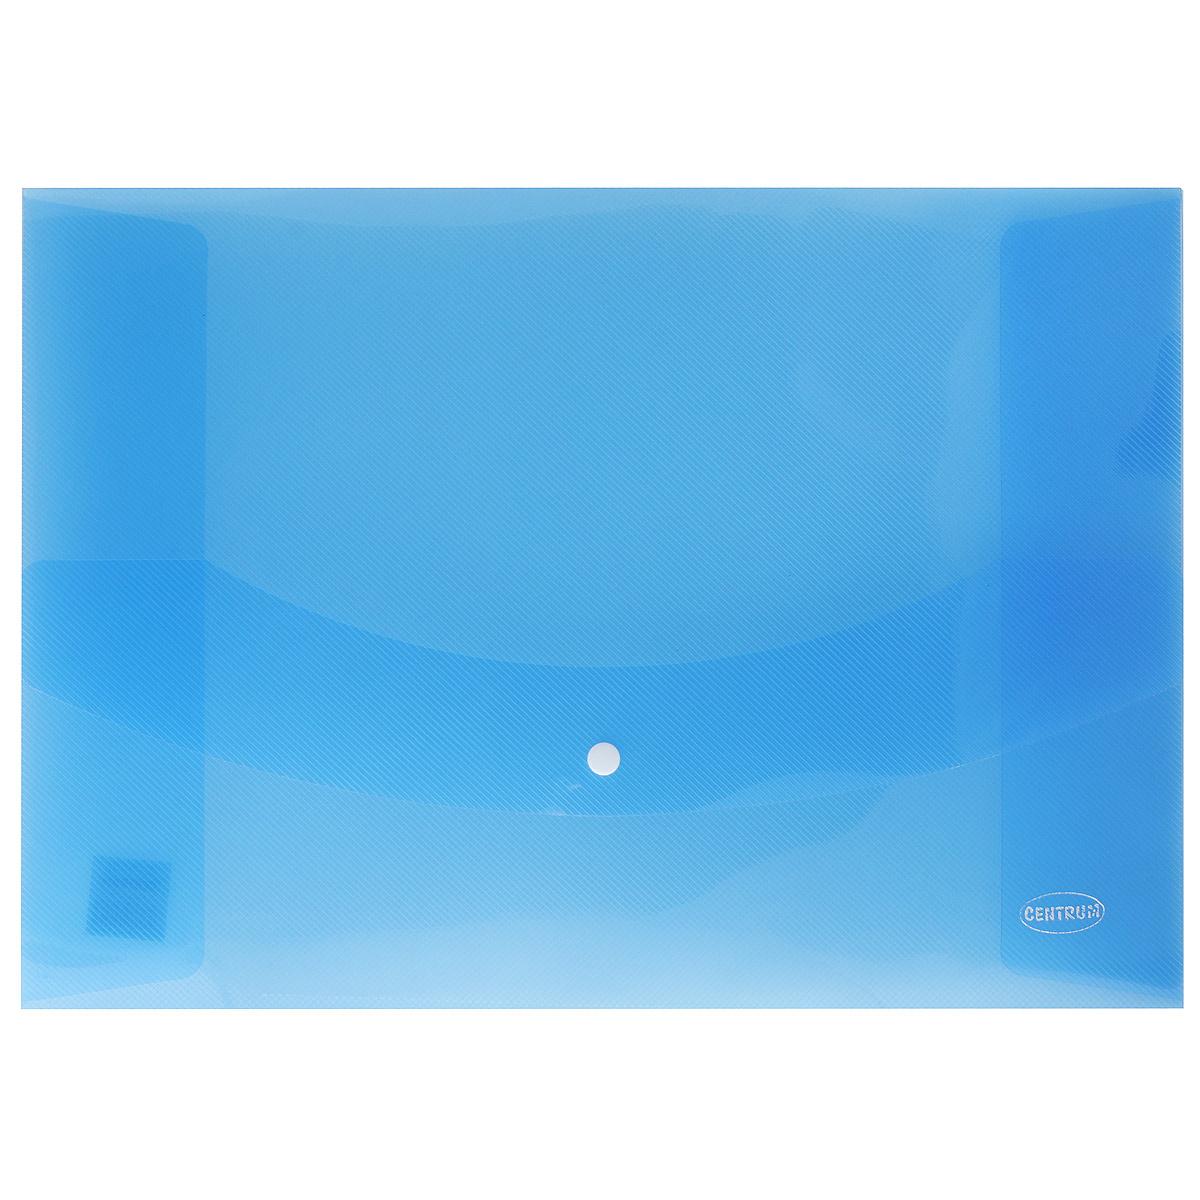 Папка-конверт на кнопке Centrum, цвет: синий. Формат А380626_синийПапка-конверт на кнопке Centrum - это удобный и функциональный офисный инструмент, предназначенный для хранения и транспортировки рабочих бумаг и документов формата А3. Папка изготовлена из полупрозрачного пластика, закрывается клапаном на кнопке.Папка-конверт - это незаменимый атрибут для студента, школьника, офисного работника. Такая папка надежно сохранит ваши документы и сбережет их от повреждений, пыли и влаги.